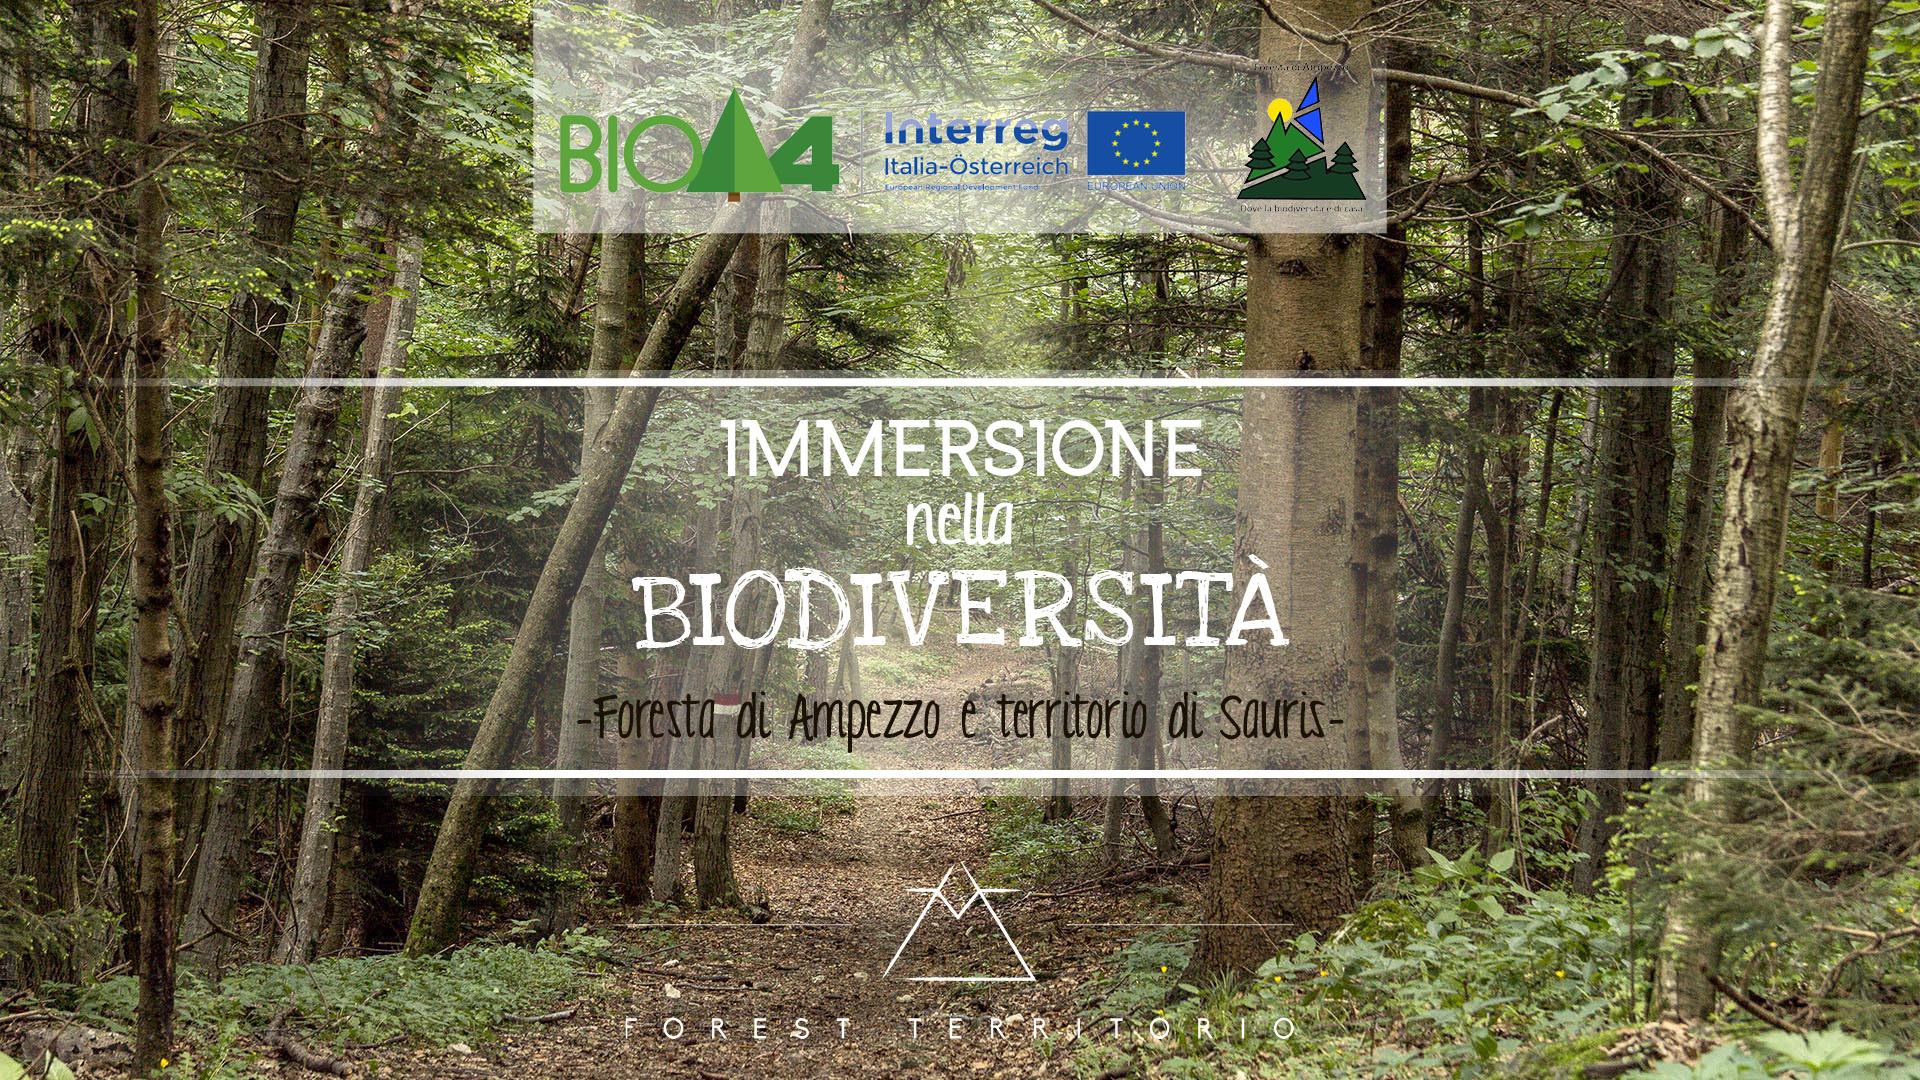 Ciclo escursioni ampezzo sauris biodiversità della foresta con ForEst Studio Naturalistico